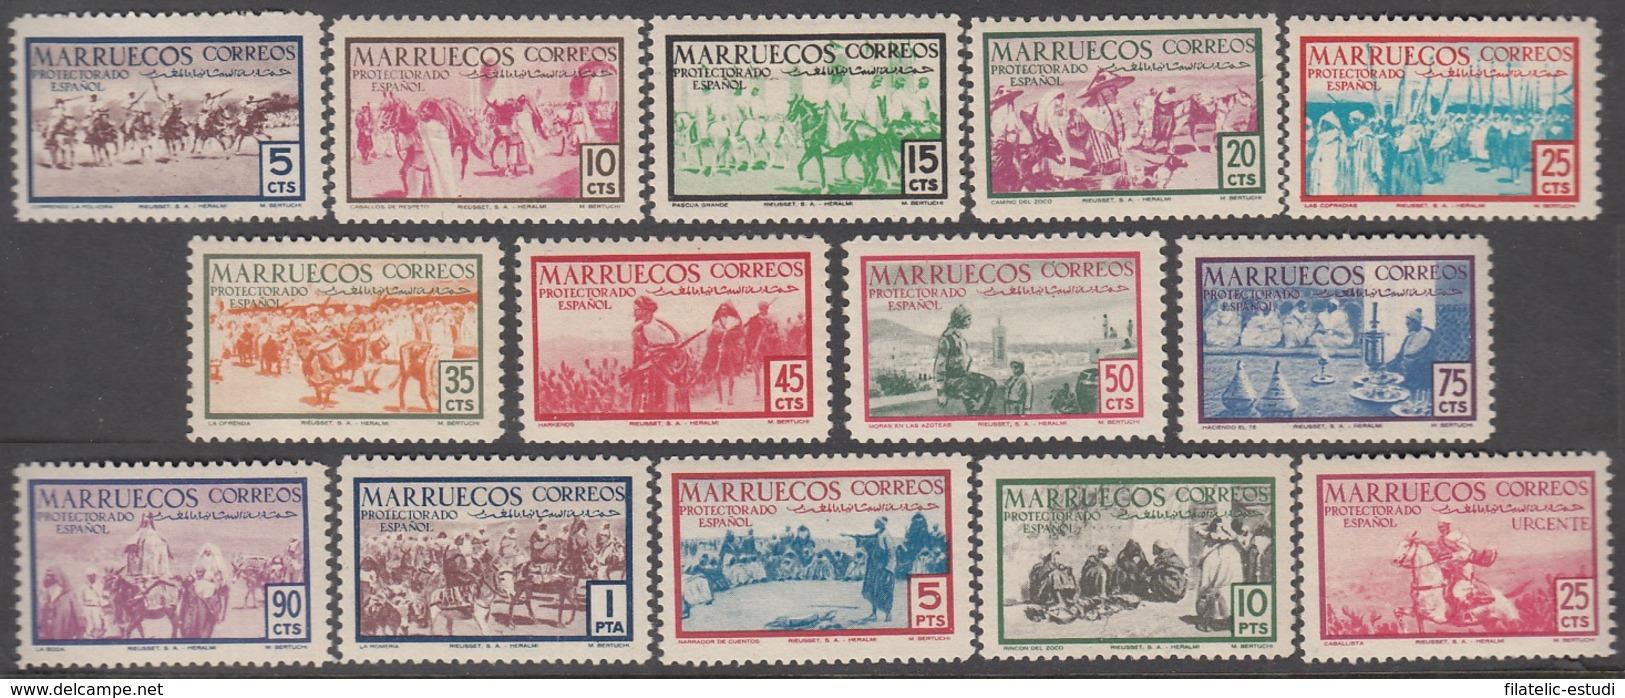 Marruecos Morocco 343/56 1952 Pro Indígenas MNH - Spagna